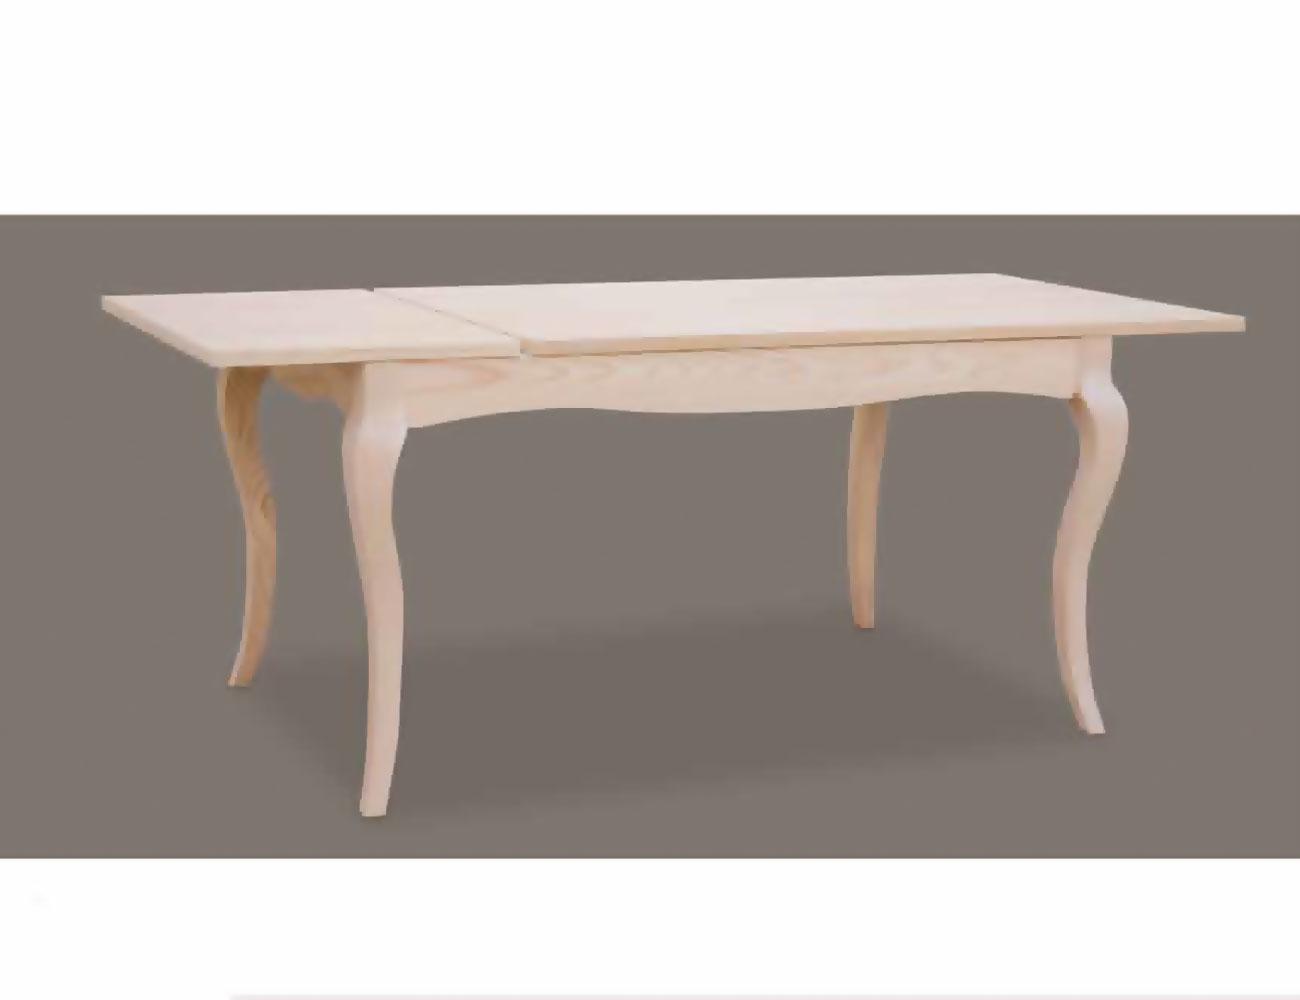 Mesa comedor extensible 140 cm en madera con patas - Mesas comedor extensibles madera ...